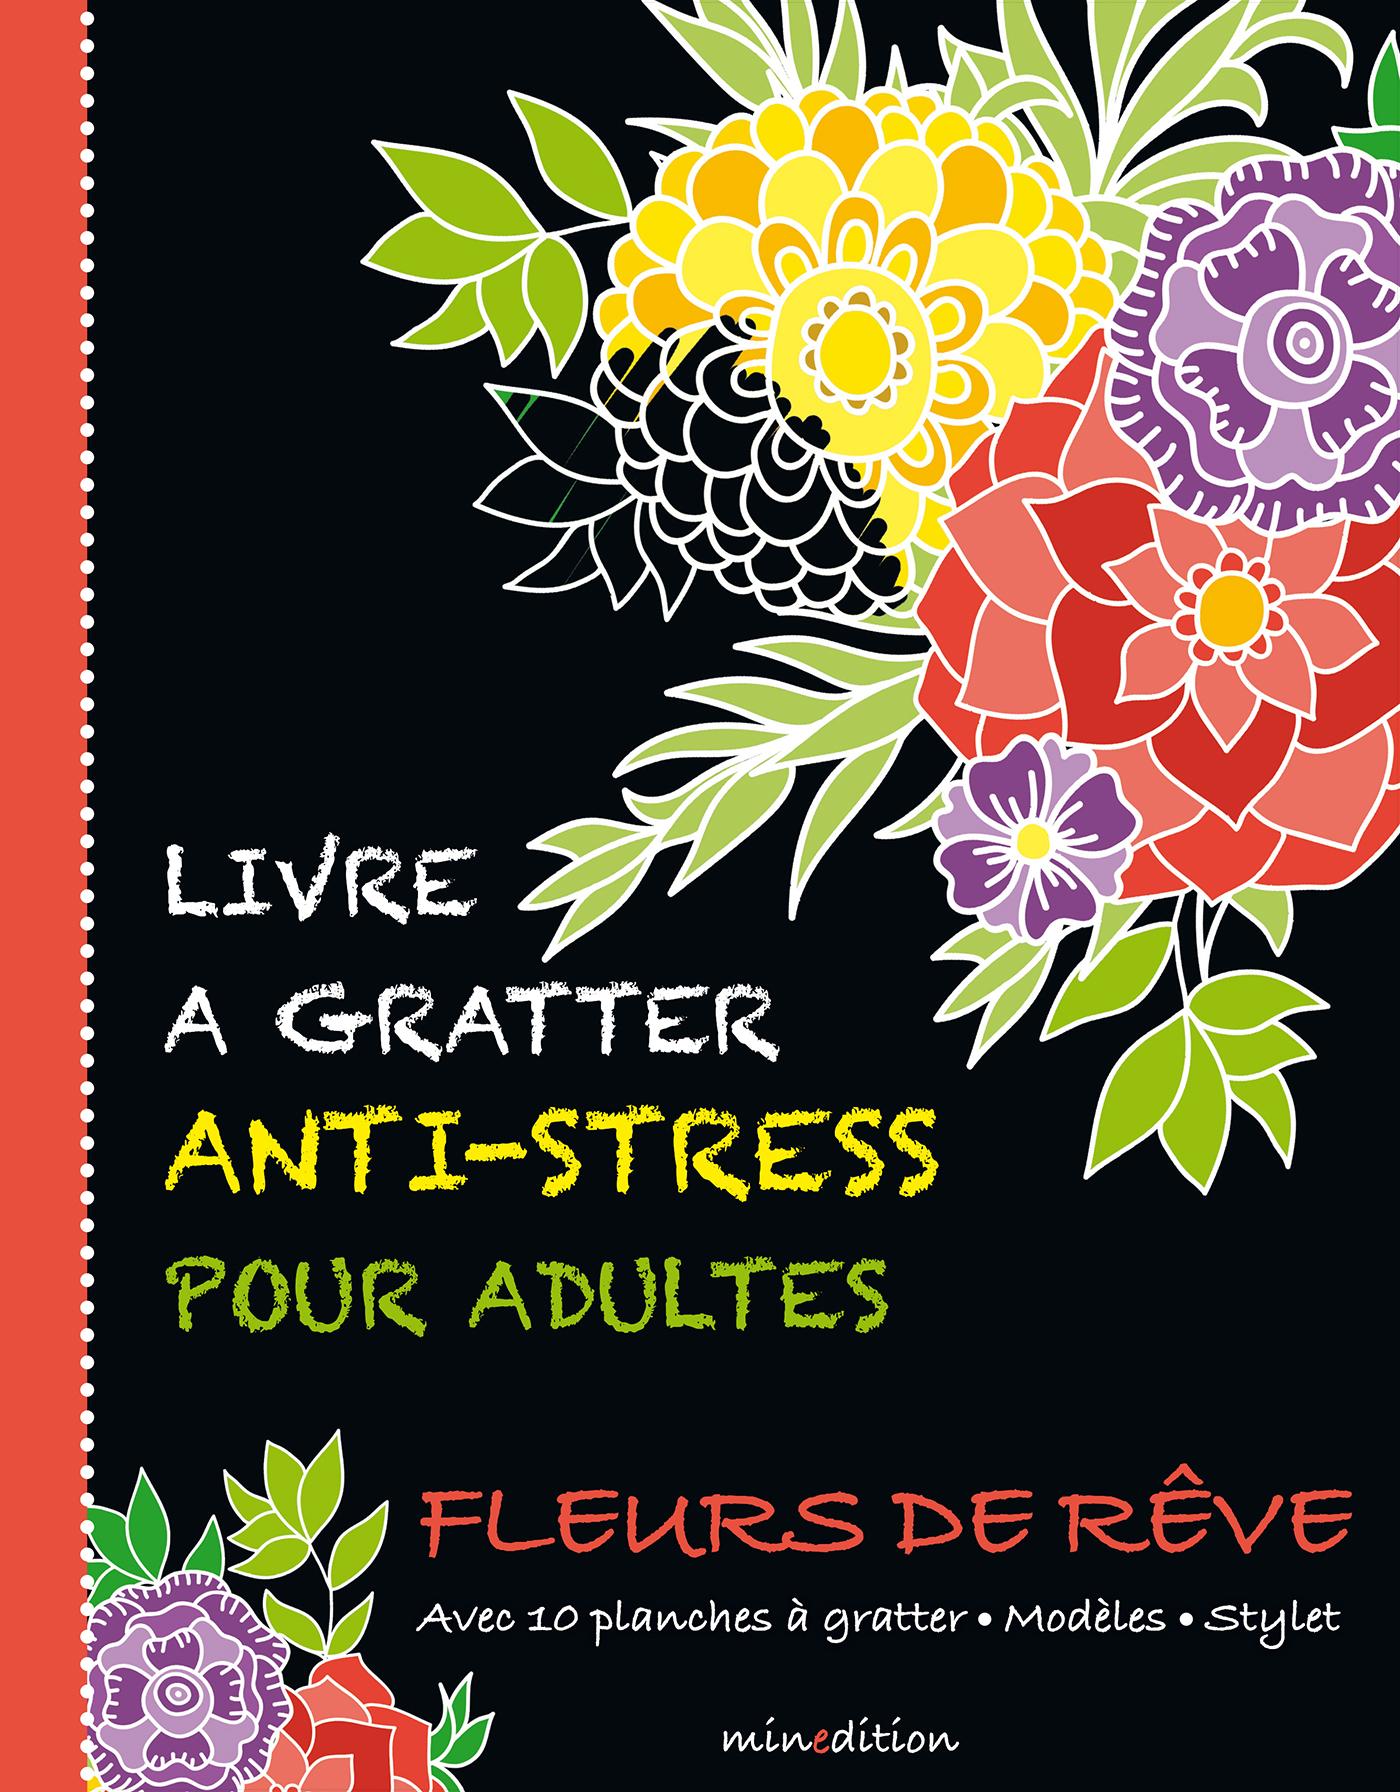 LIVRE A GRATTER ANTI-STRESS POUR ADULTES - FLEURS DE REVE